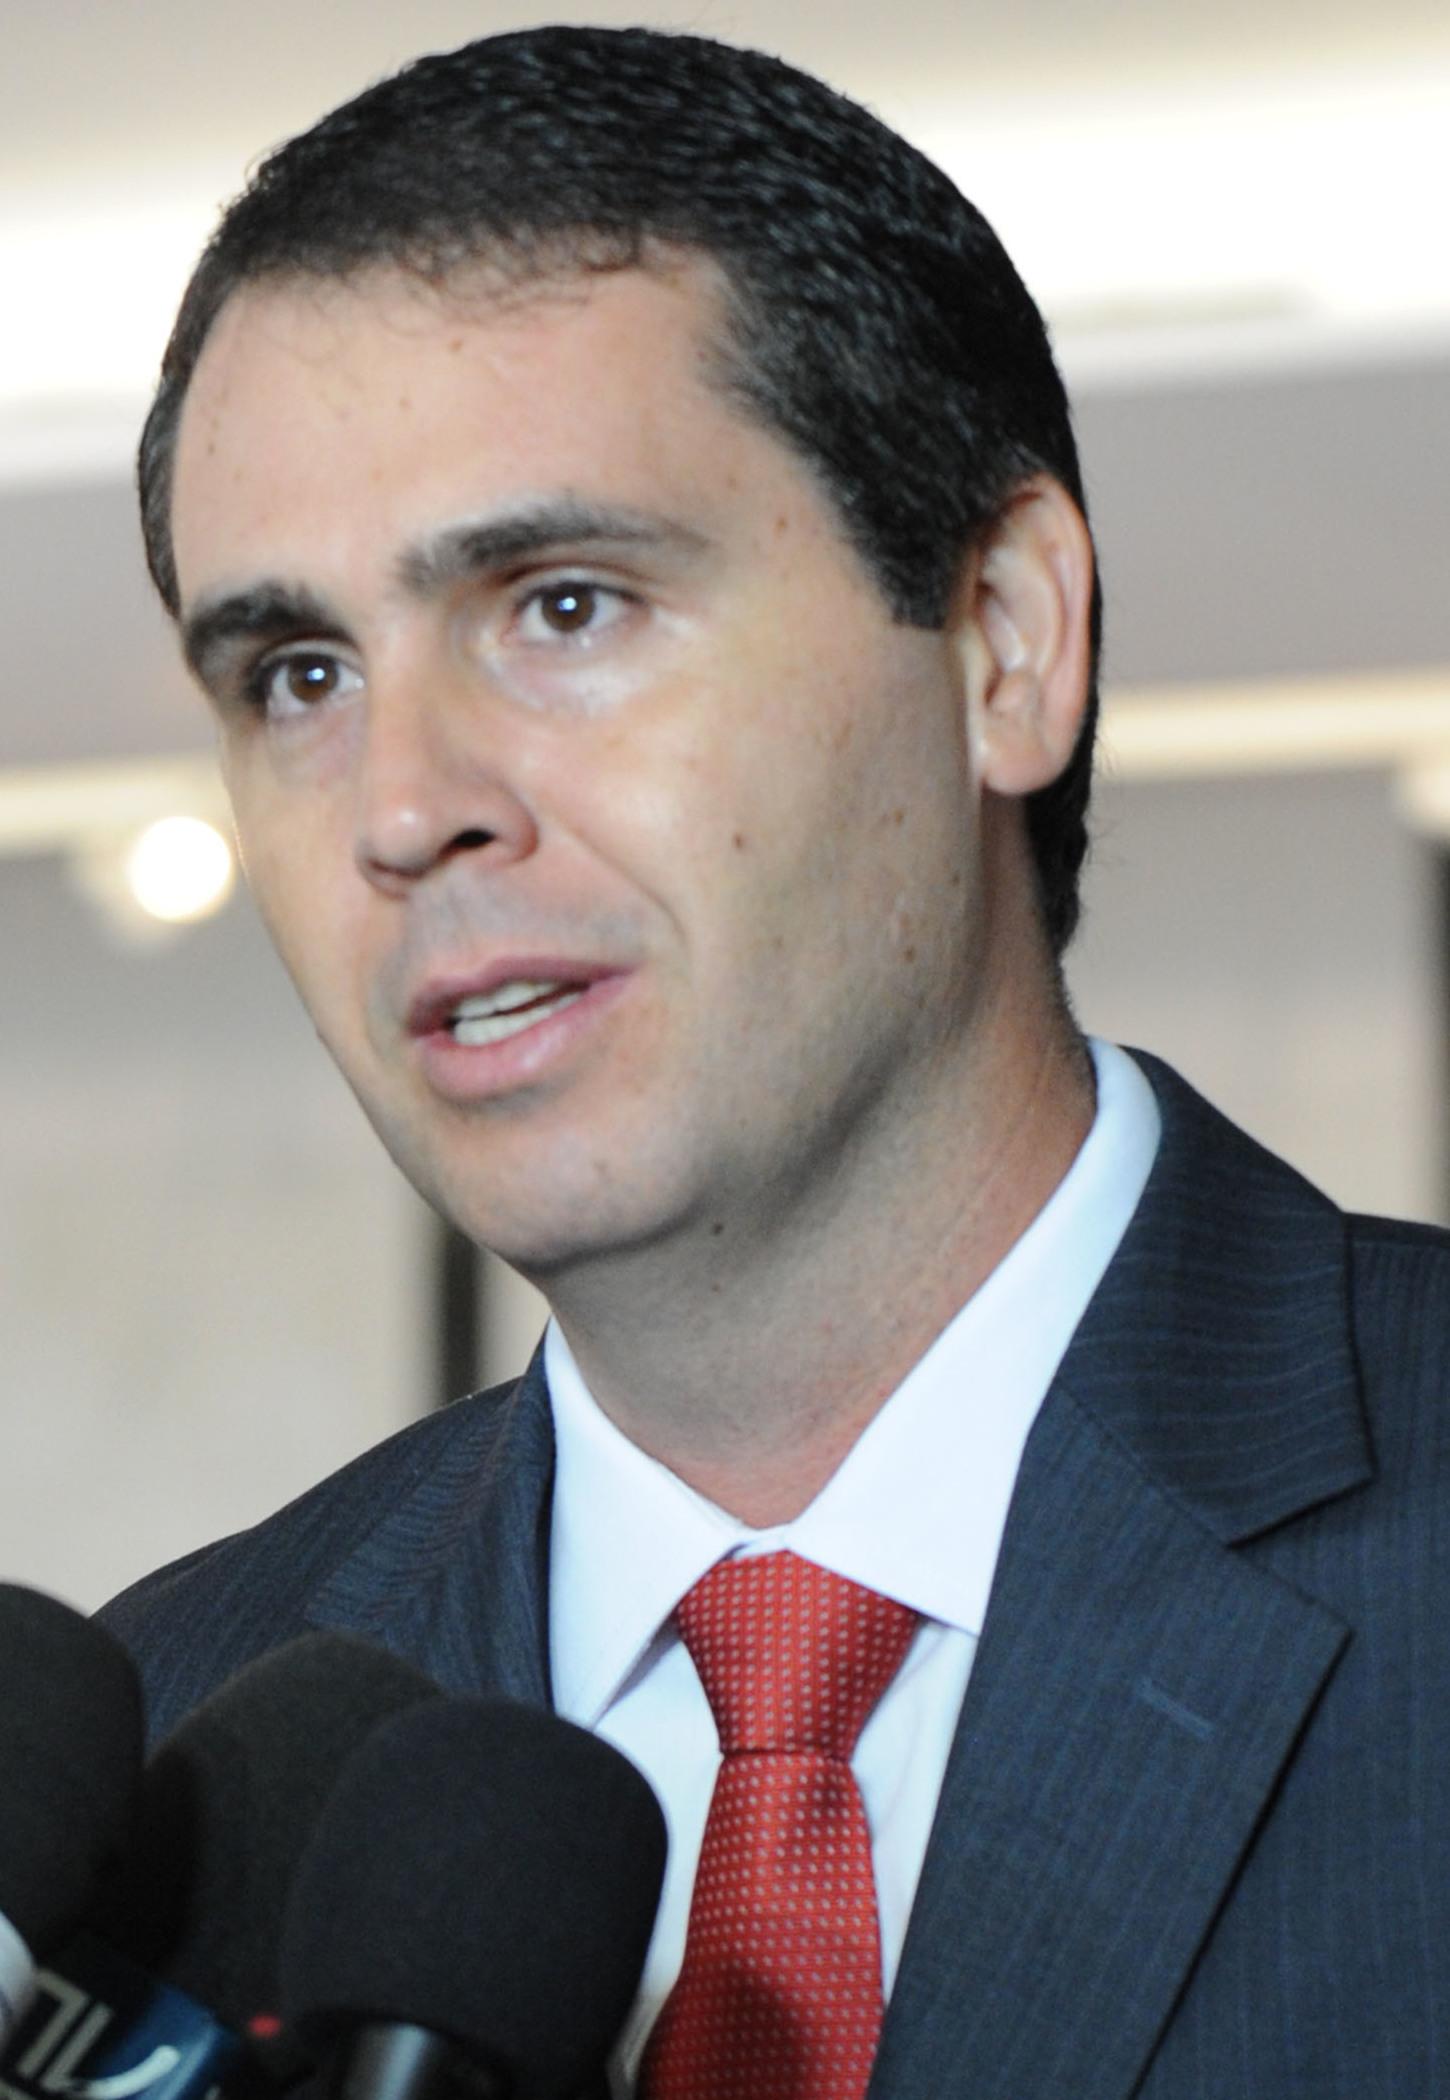 6cdc3afe3d Eleição municipal de Rio Branco em 2012 – Wikipédia, a enciclopédia livre